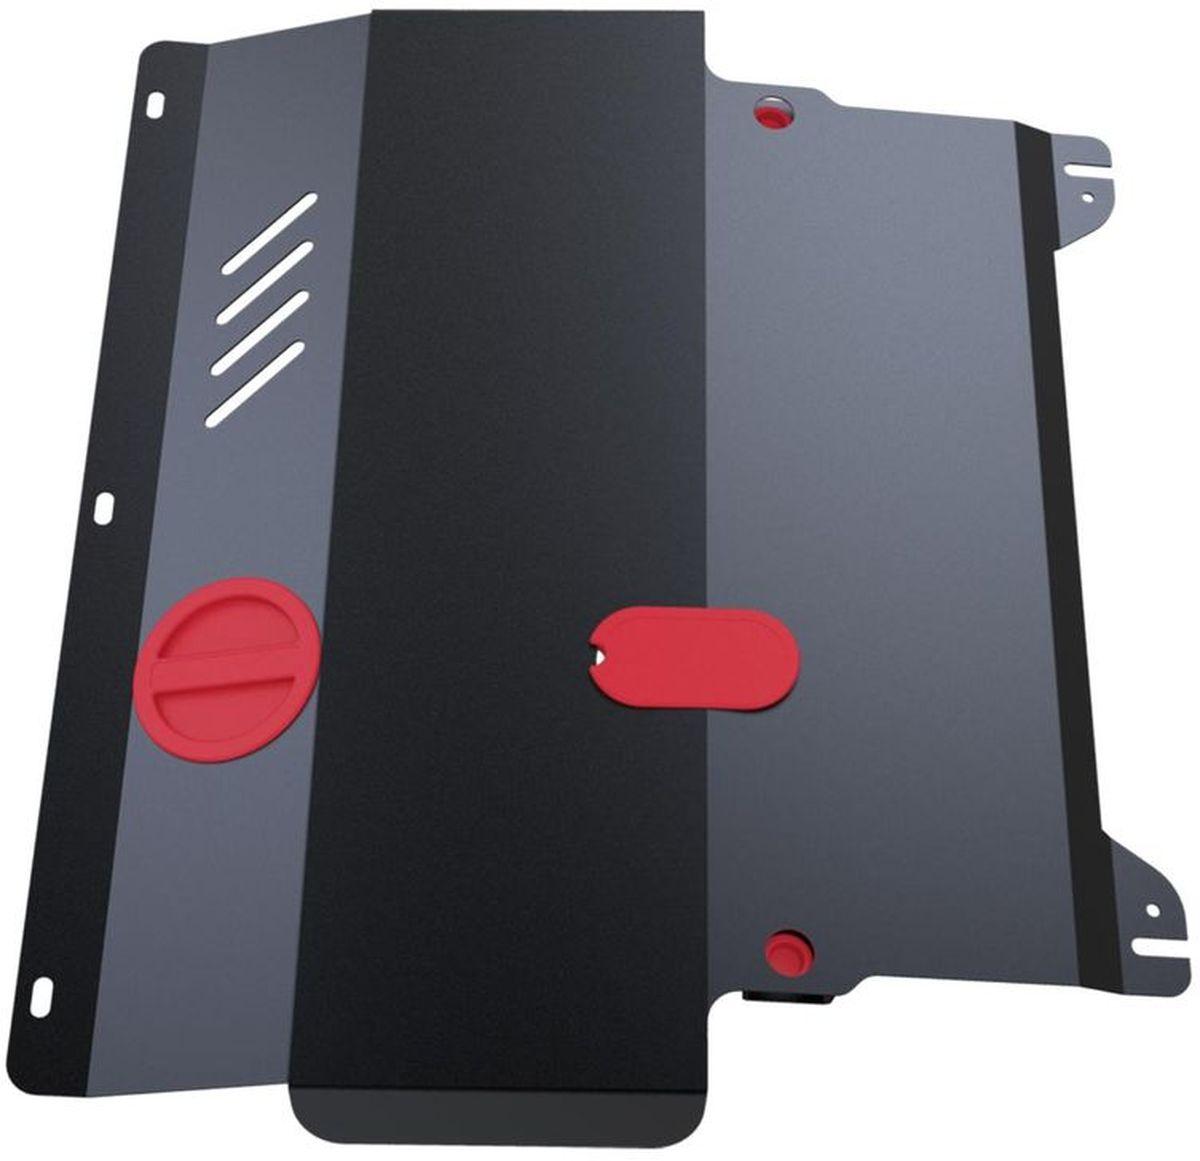 Защита картера Автоброня, для Nissan Patrol 2005 V - 3,0; 4,8 (2004-2010)1004900000360Технологически совершенный продукт за невысокую стоимость.Защита разработана с учетом особенностей днища автомобиля, что позволяет сохранить дорожный просвет с минимальным изменением.Защита устанавливается в штатные места кузова автомобиля. Глубокий штамп обеспечивает до двух раз больше жесткости в сравнении с обычной защитой той же толщины. Проштампованные ребра жесткости препятствуют деформации защиты при ударах.Тепловой зазор и вентиляционные отверстия обеспечивают сохранение температурного режима двигателя в норме. Скрытый крепеж предотвращает срыв крепежных элементов при наезде на препятствие.Шумопоглощающие резиновые элементы обеспечивают комфортную езду без вибраций и скрежета металла, а съемные лючки для слива масла и замены фильтра - экономию средств и время.Конструкция изделия не влияет на пассивную безопасность автомобиля (при ударе защита не воздействует на деформационные зоны кузова). Со штатным крепежом. В комплекте инструкция по установке.Толщина стали: 2 мм.Уважаемые клиенты!Обращаем ваше внимание, что элемент защиты имеет форму, соответствующую модели данного автомобиля. Фото служит для визуального восприятия товара и может отличаться от фактического.